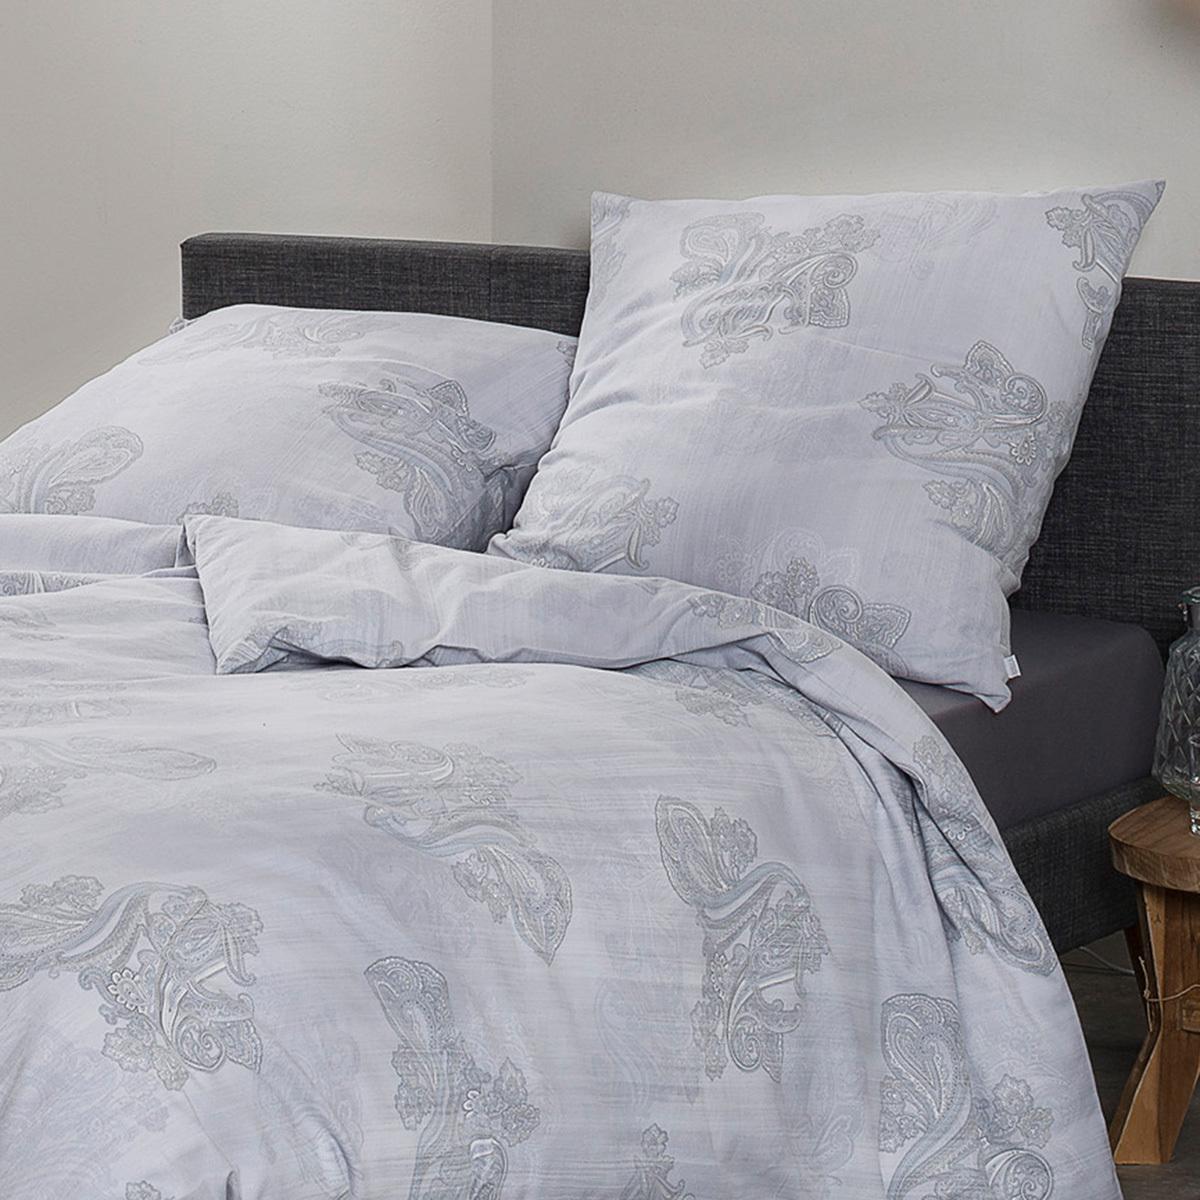 estella feinflanell bettw sche sasso stein g nstig online kaufen bei bettwaren shop. Black Bedroom Furniture Sets. Home Design Ideas